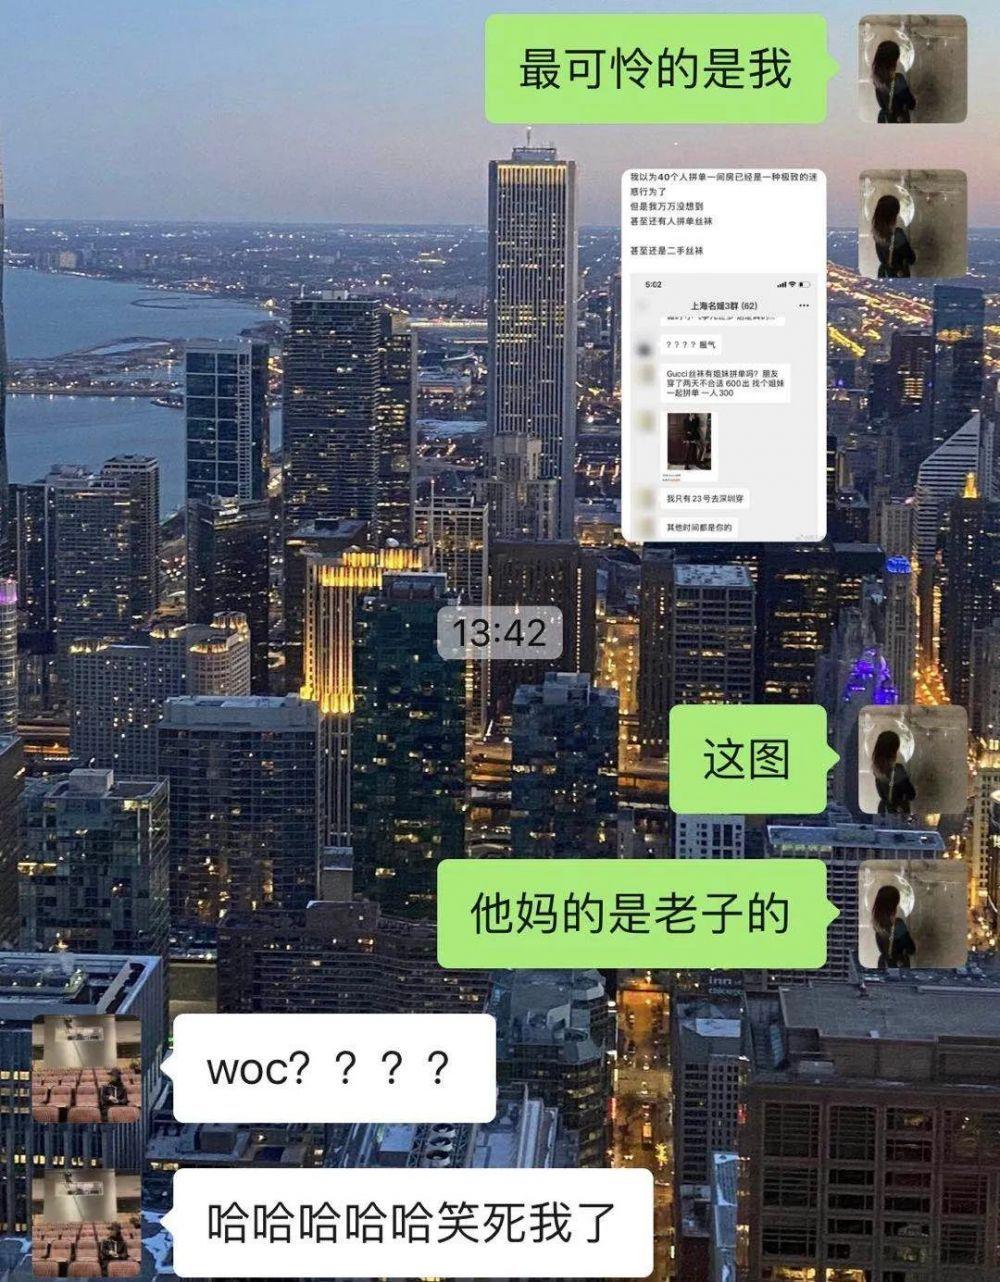 被上海名媛圈笑吐了,Gucci公关哭晕在厕所-第20张图片-周小辉博客